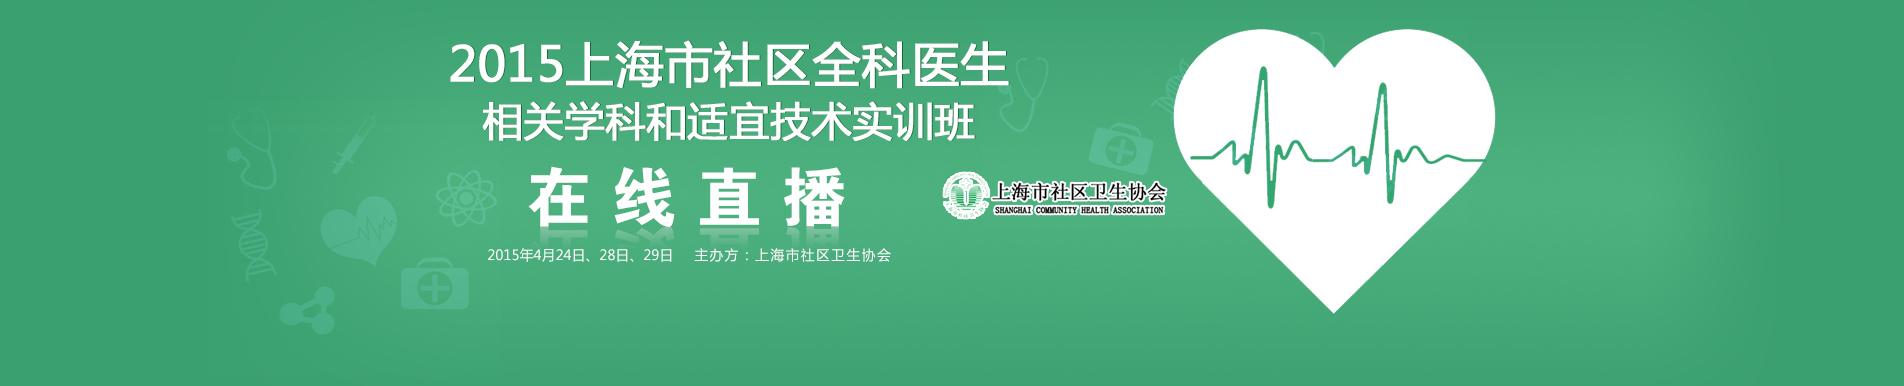 2015上海市社区全科医生相关学科和适宜技术实训班